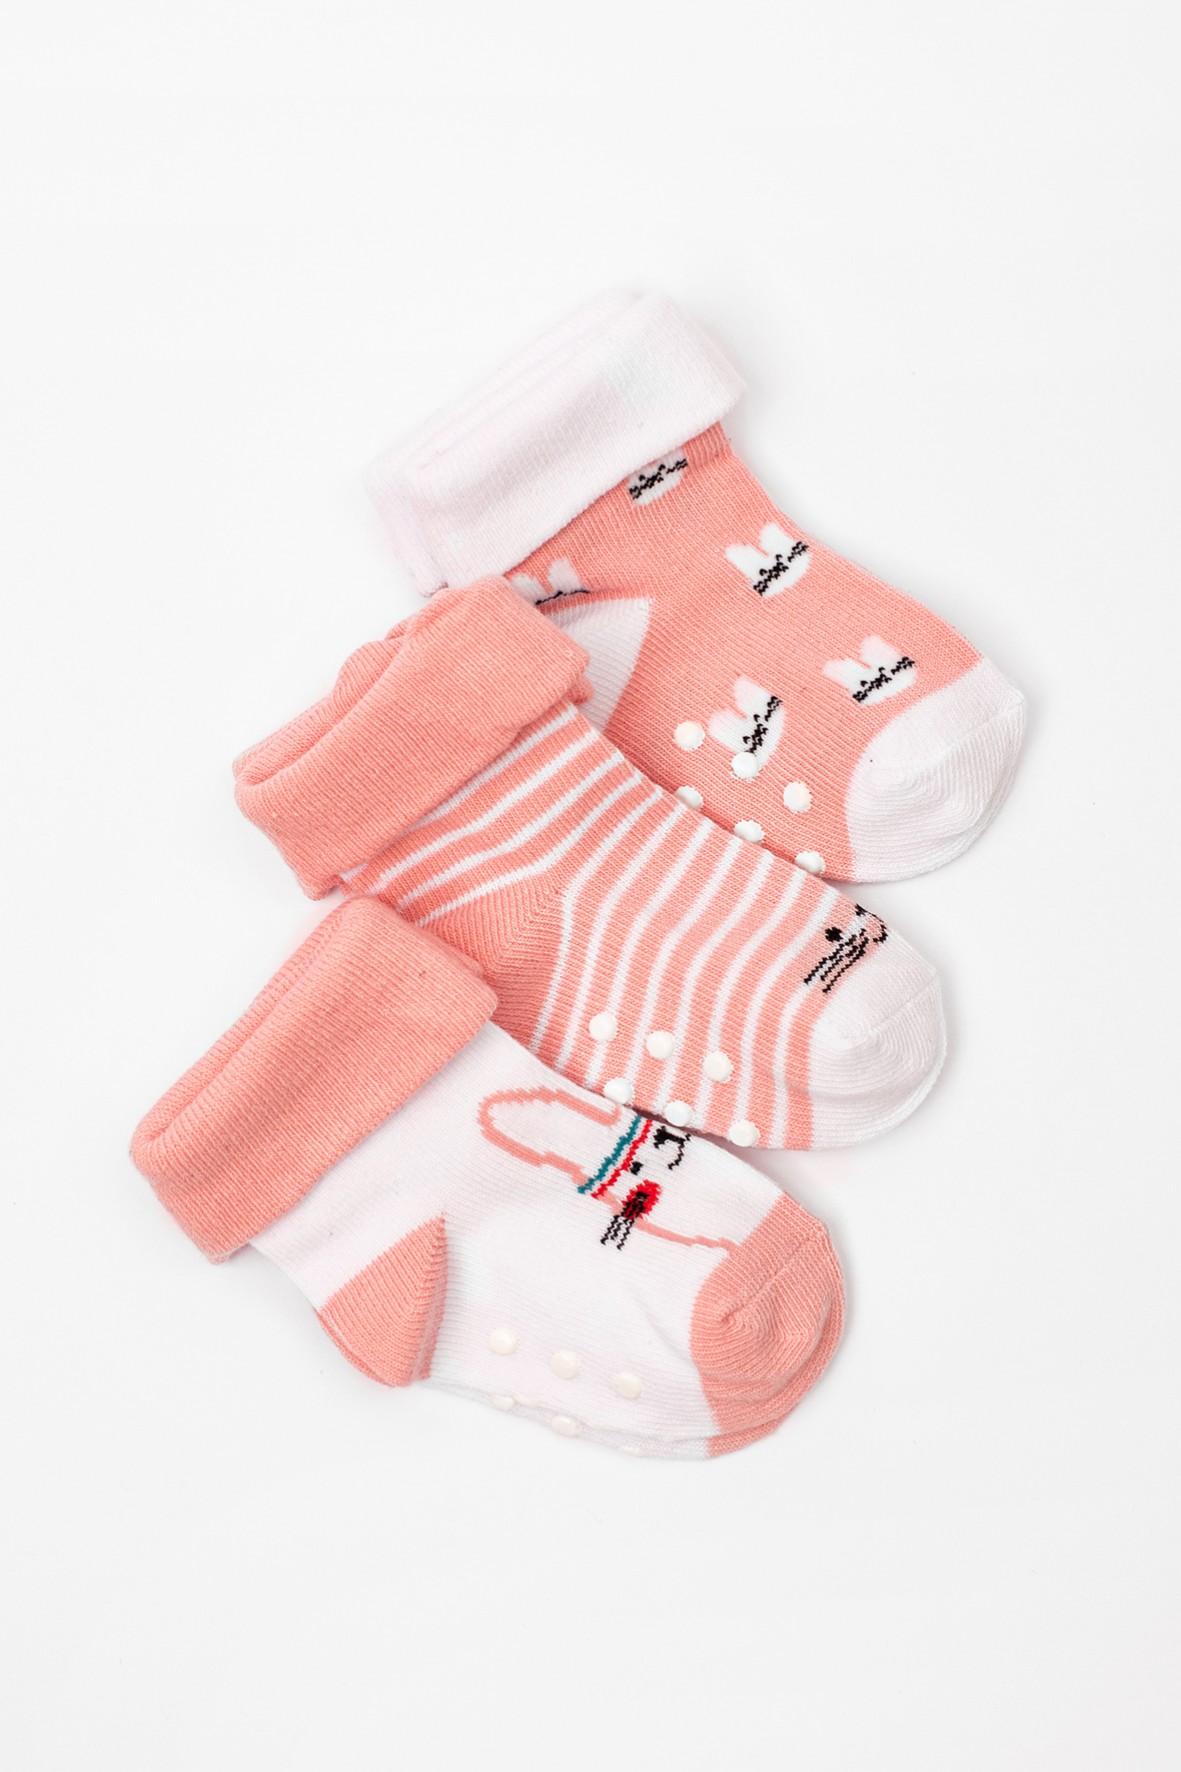 Skarpety niemowlęce 3pak różowe w króliczki